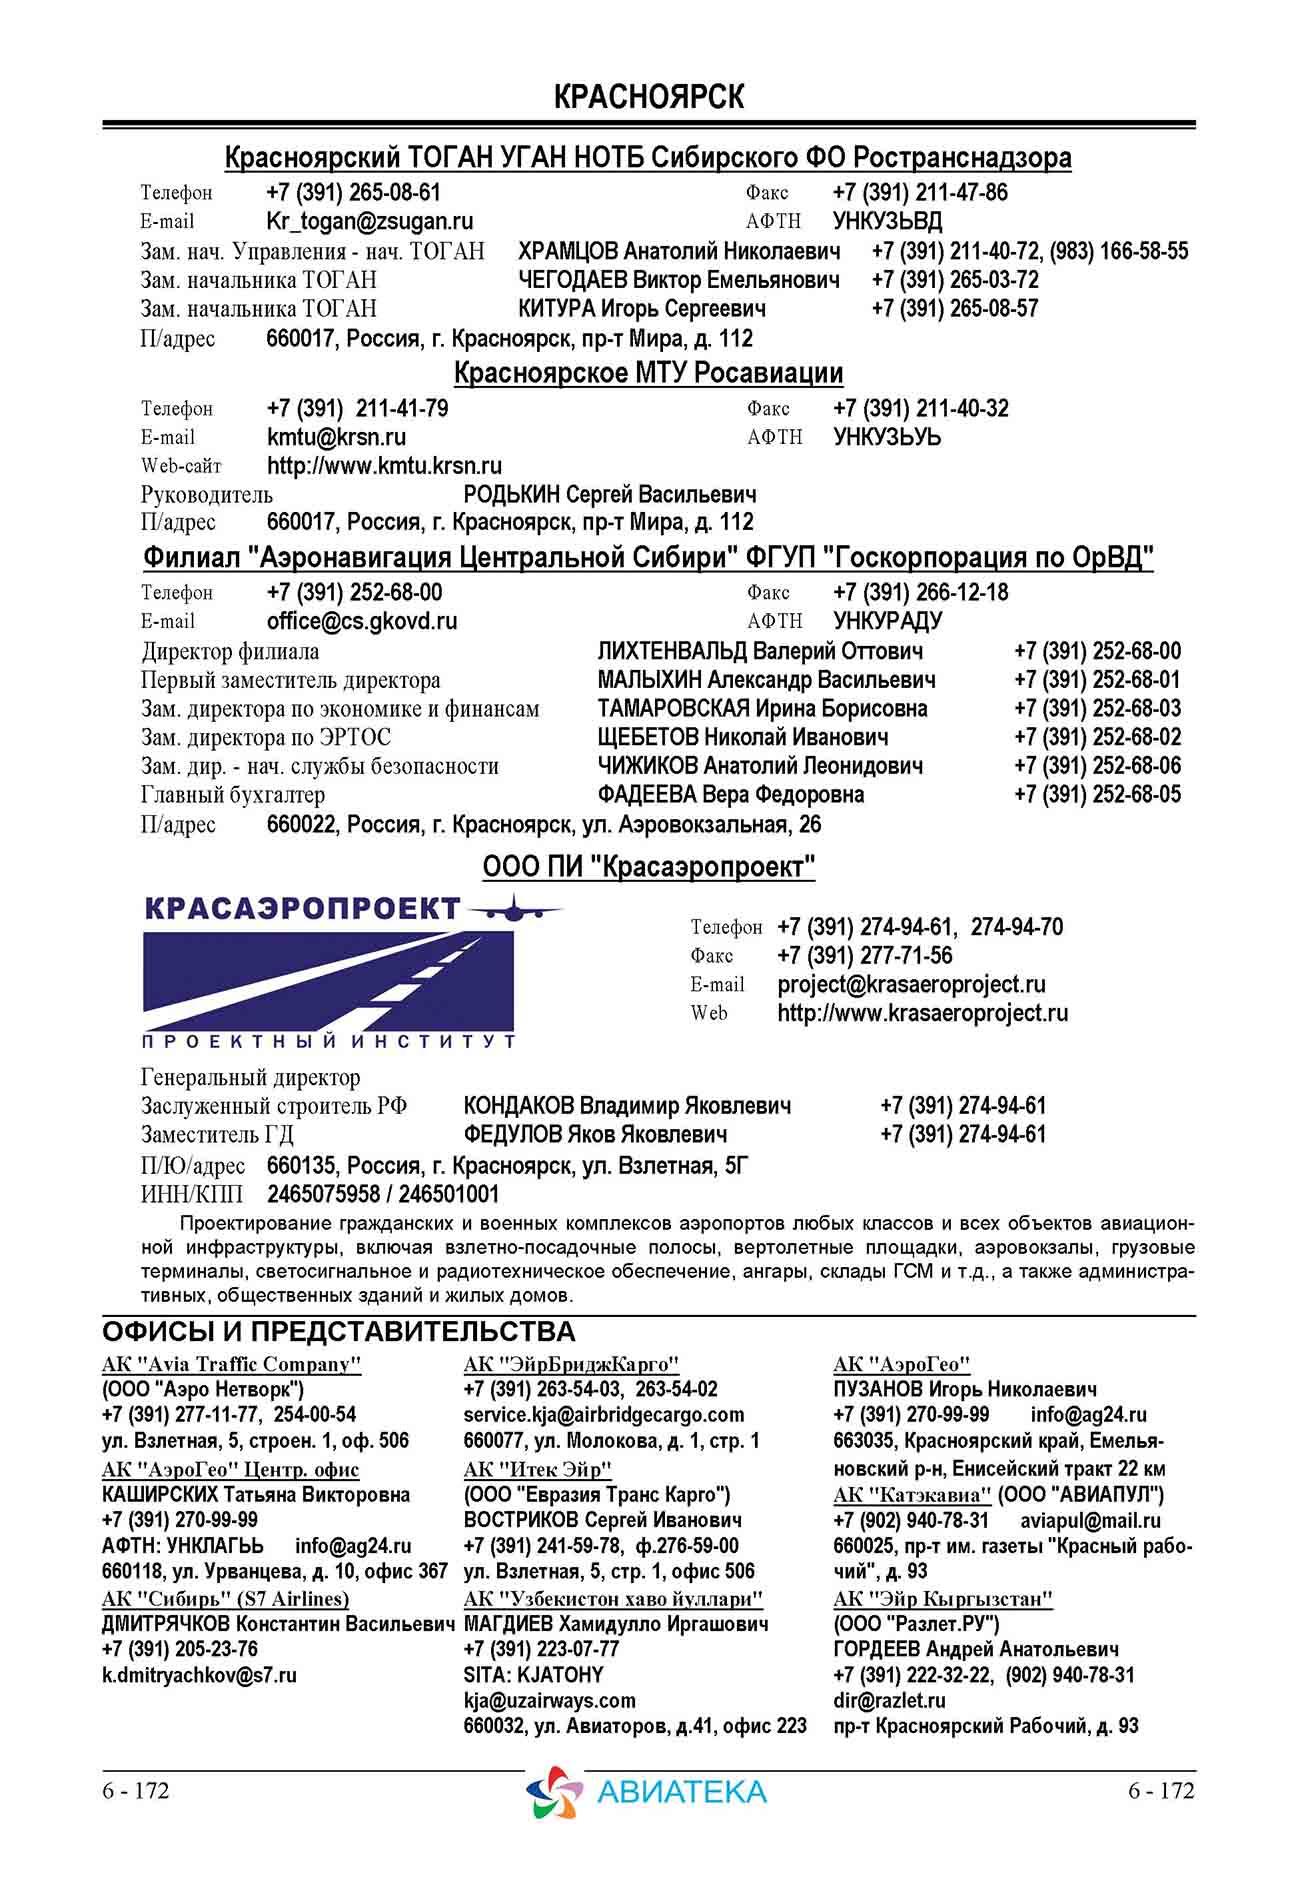 Организации гражданской авиации Красноярска